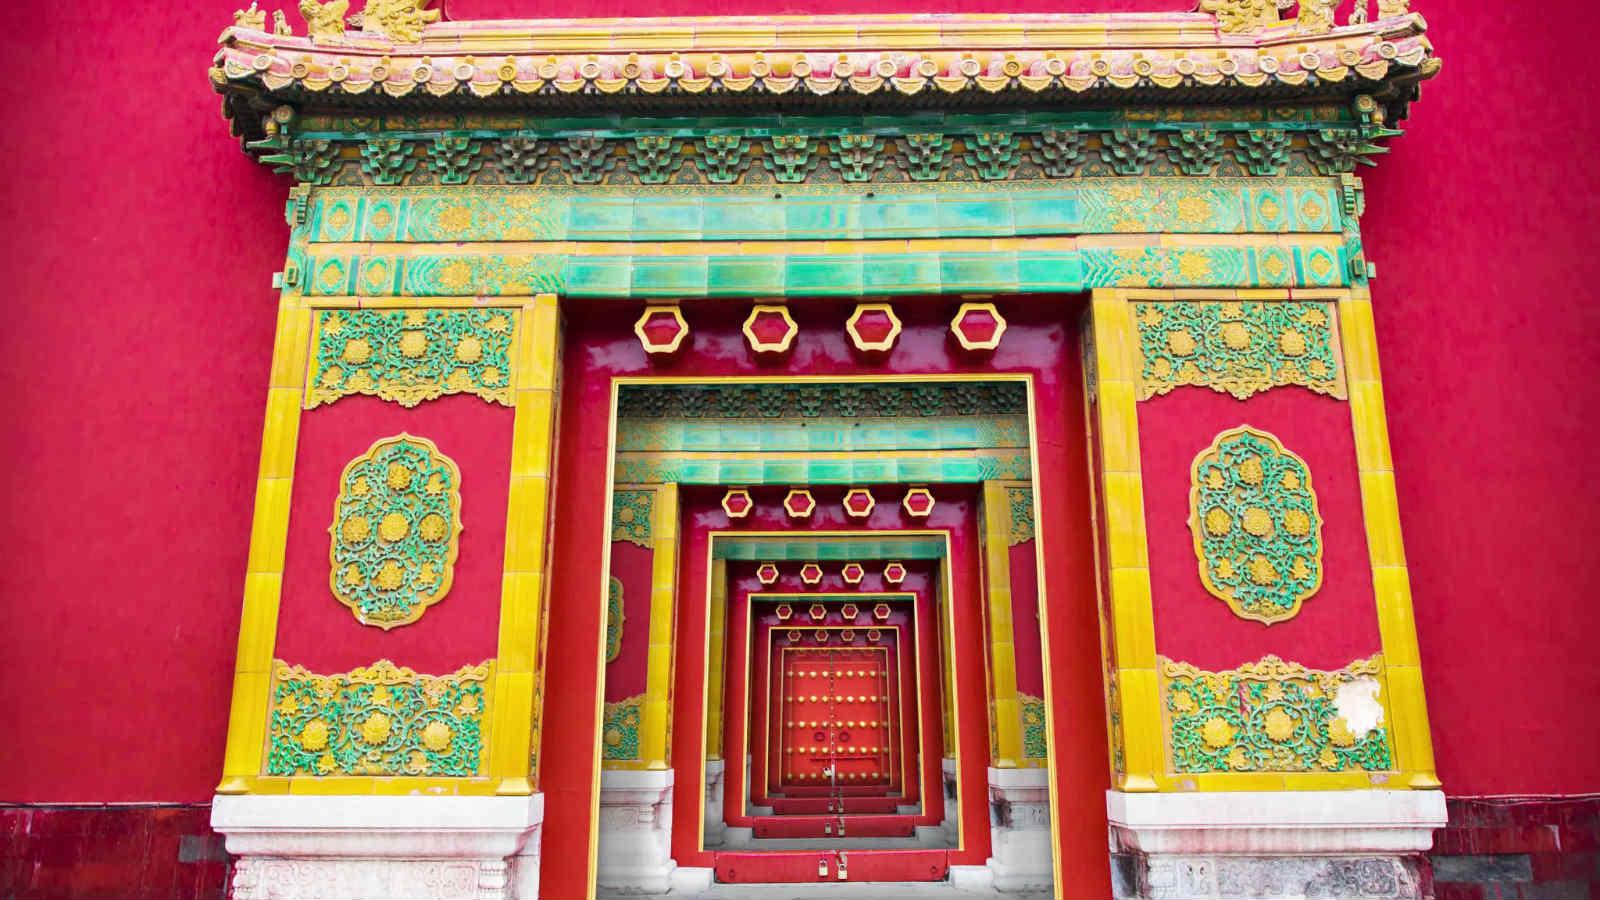 4K中国风红墙?#38750;?#22269;粹背景视频素材